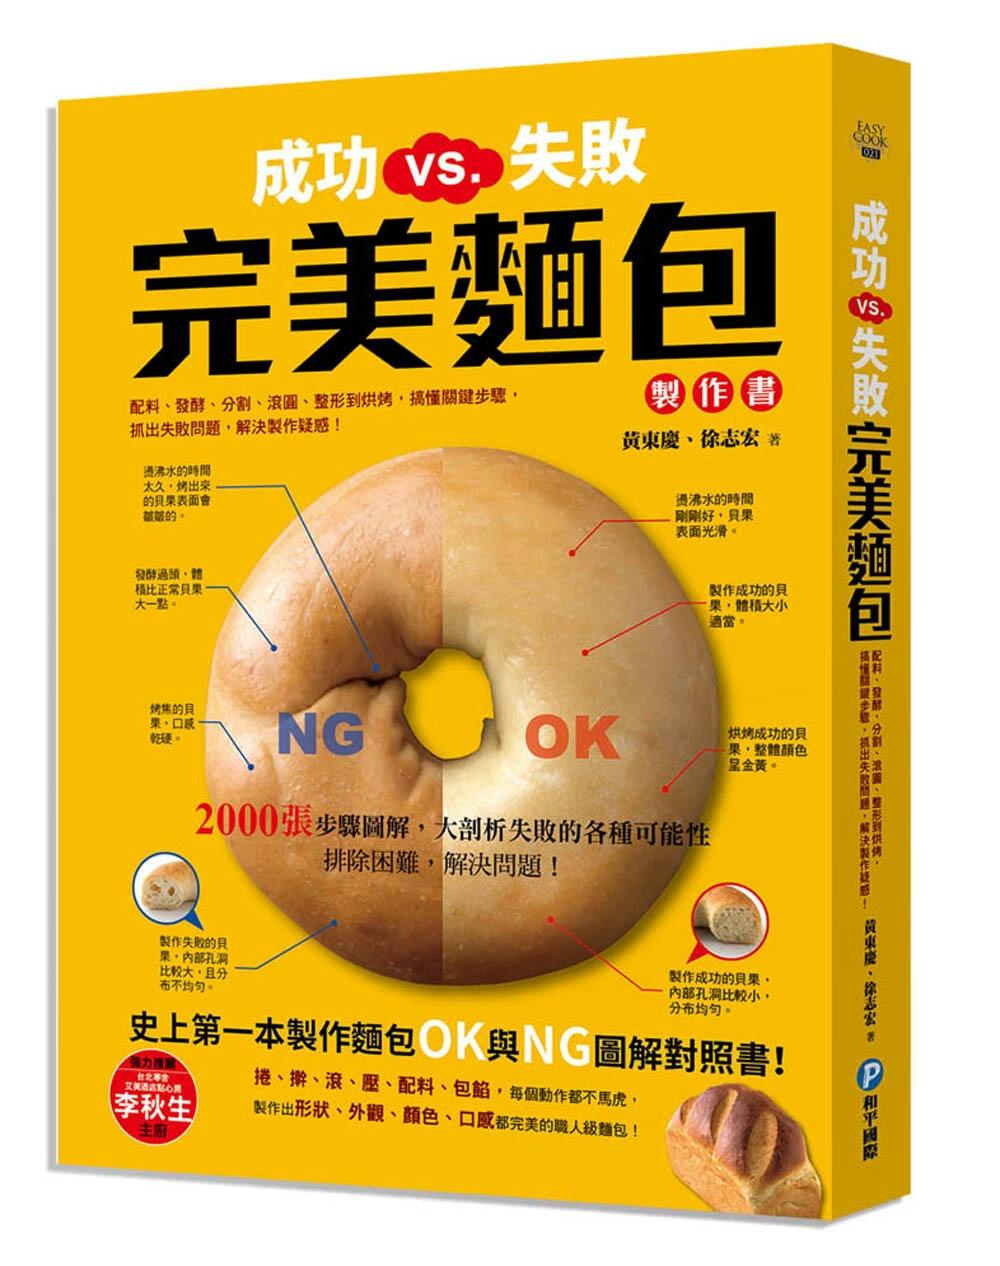 成功VS.失敗,完美麵包製作書:配料、發酵、分割、滾圓、整形到烘烤,搞懂關鍵步驟,抓出失敗